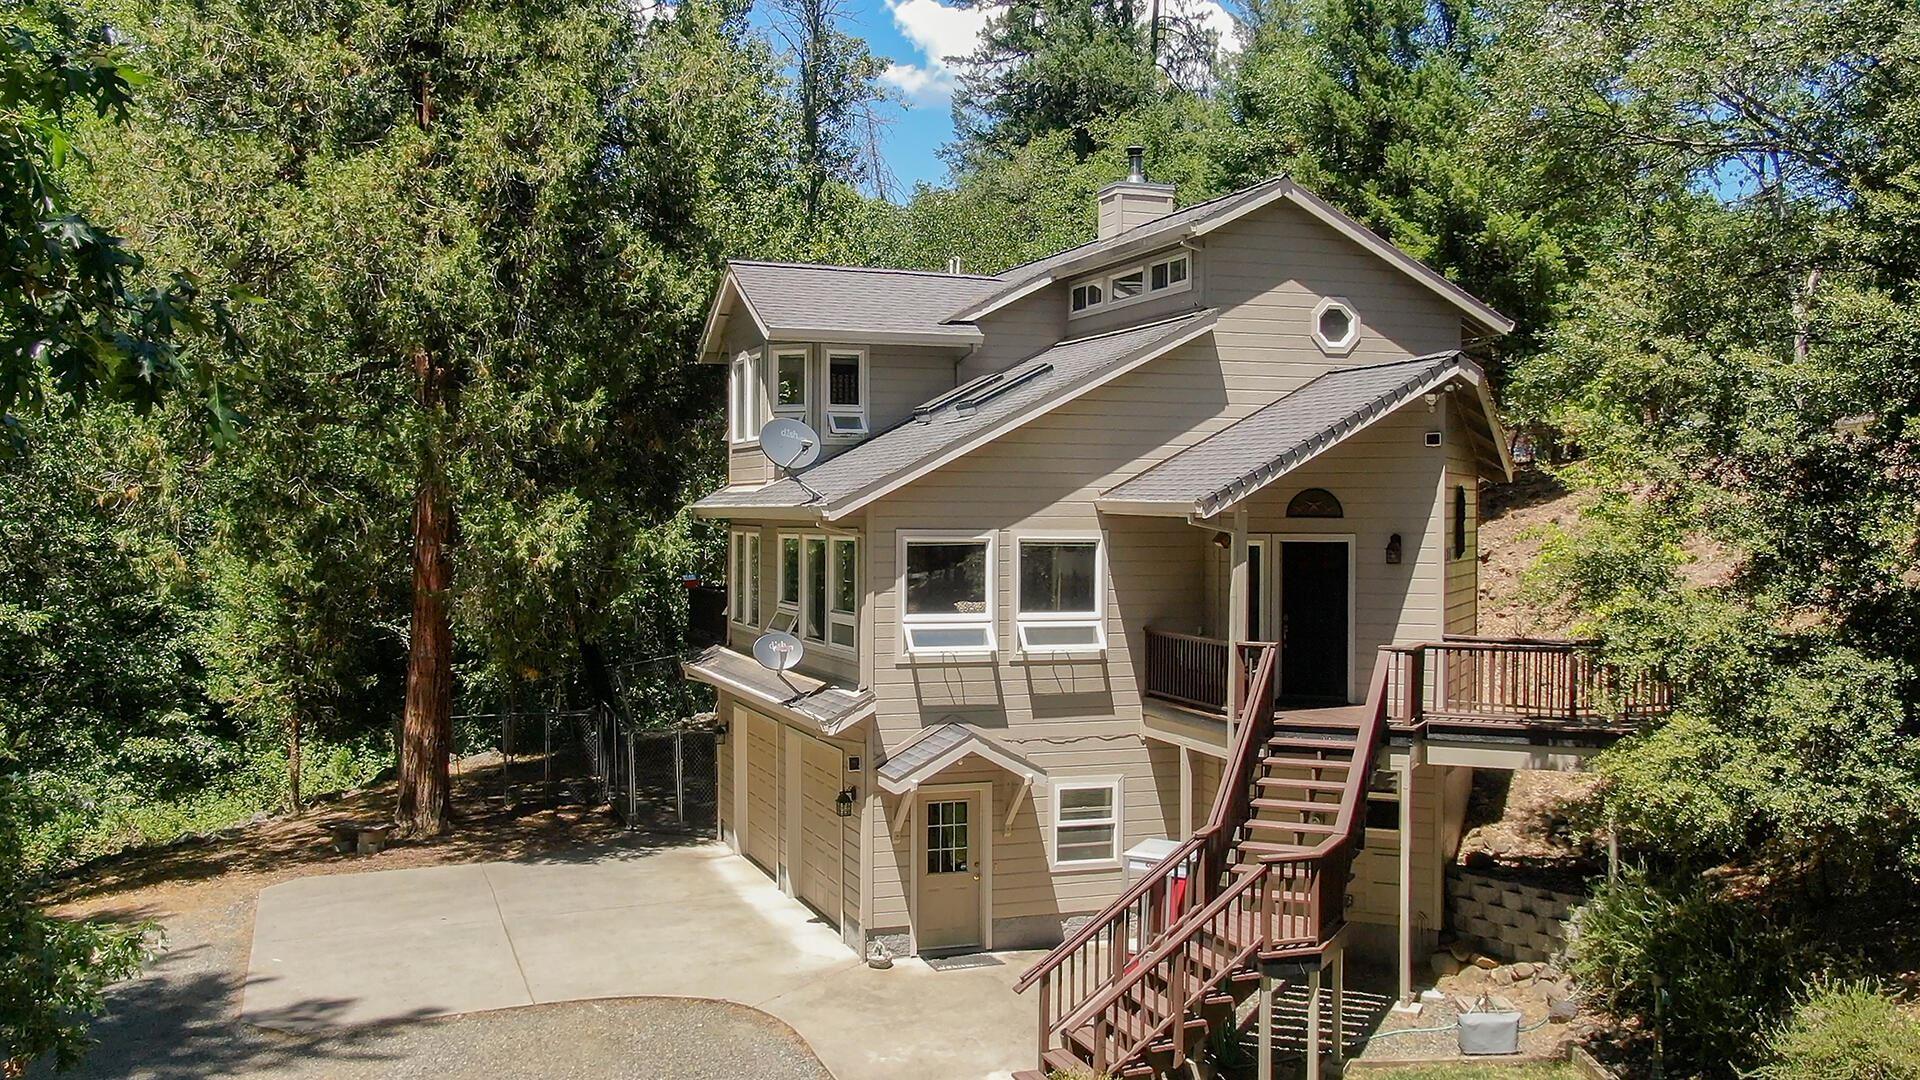 131 E. Weaver Creek Road, Weaverville, CA 96093 - MLS#: 259460